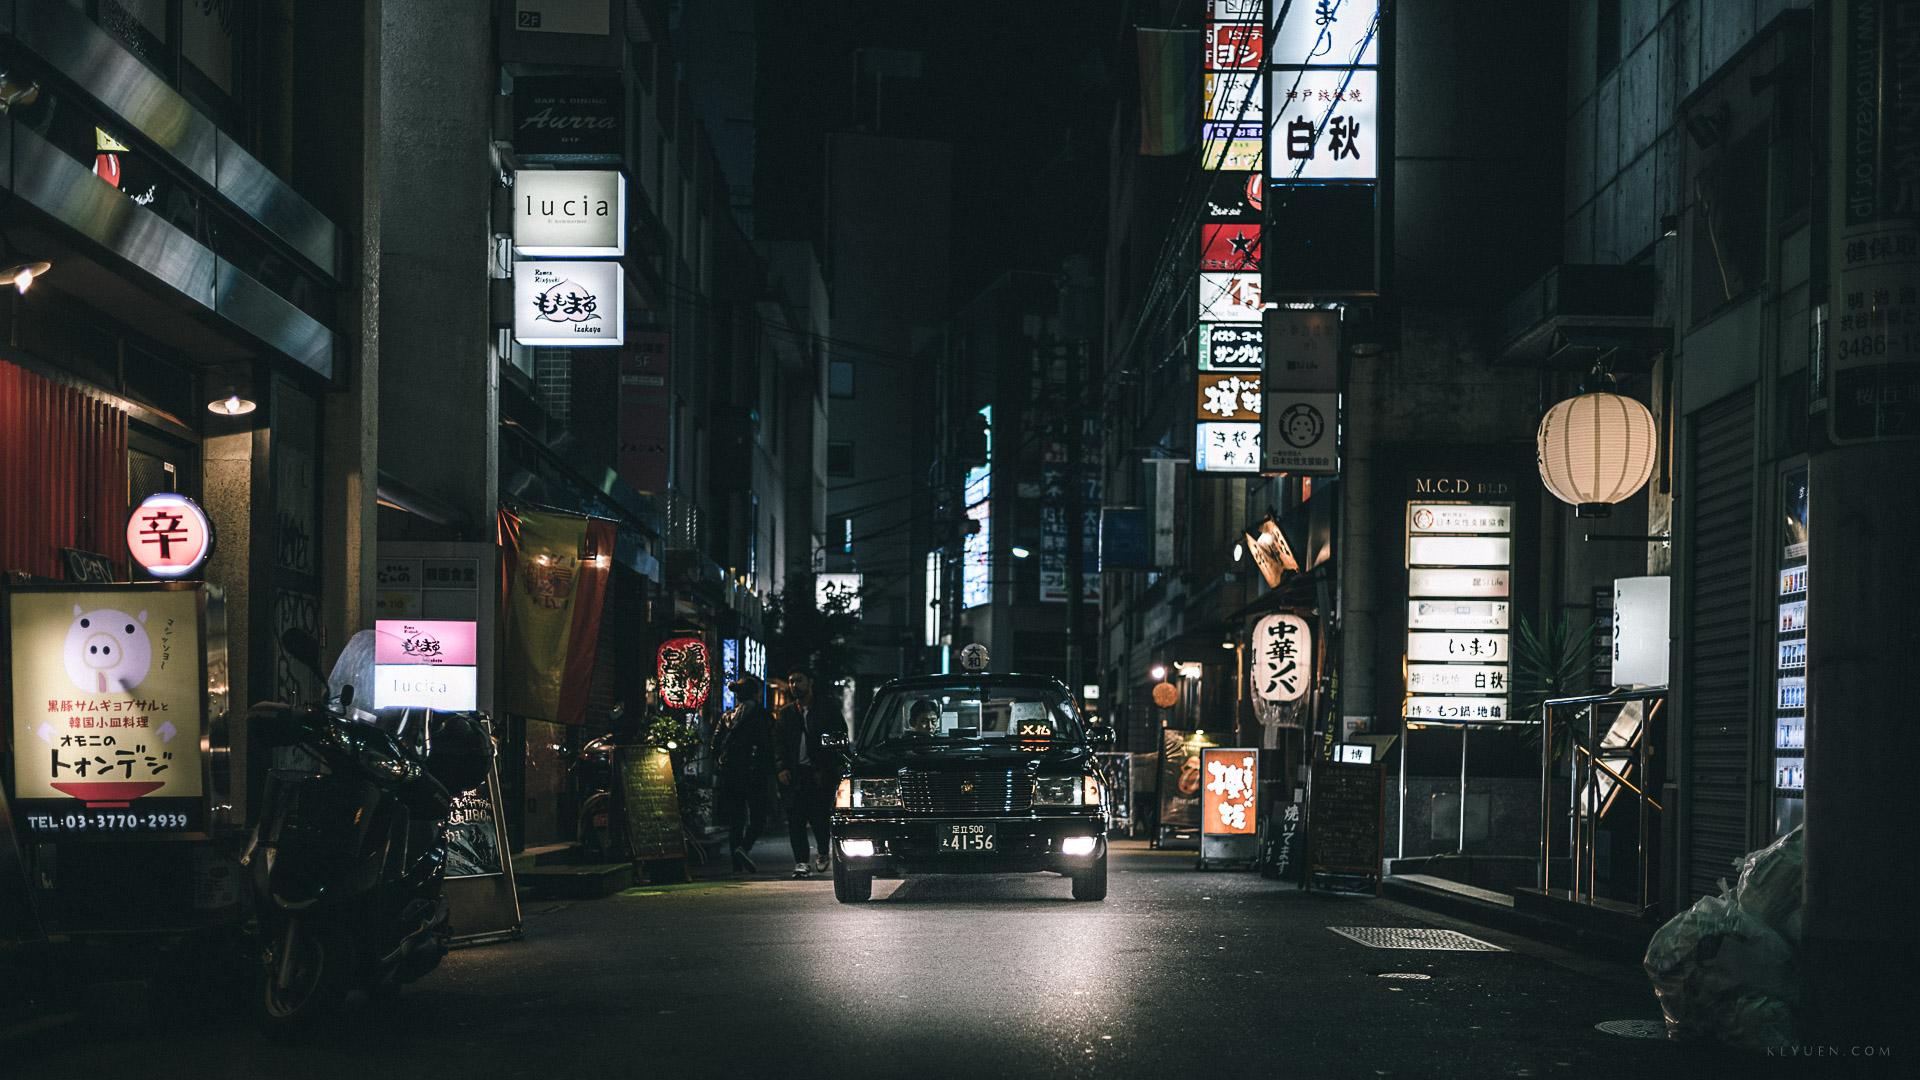 Shibuya, Tokyo, Japan // Leica Summilux 35mm f/1.4 ASPH FLE / Leica M10